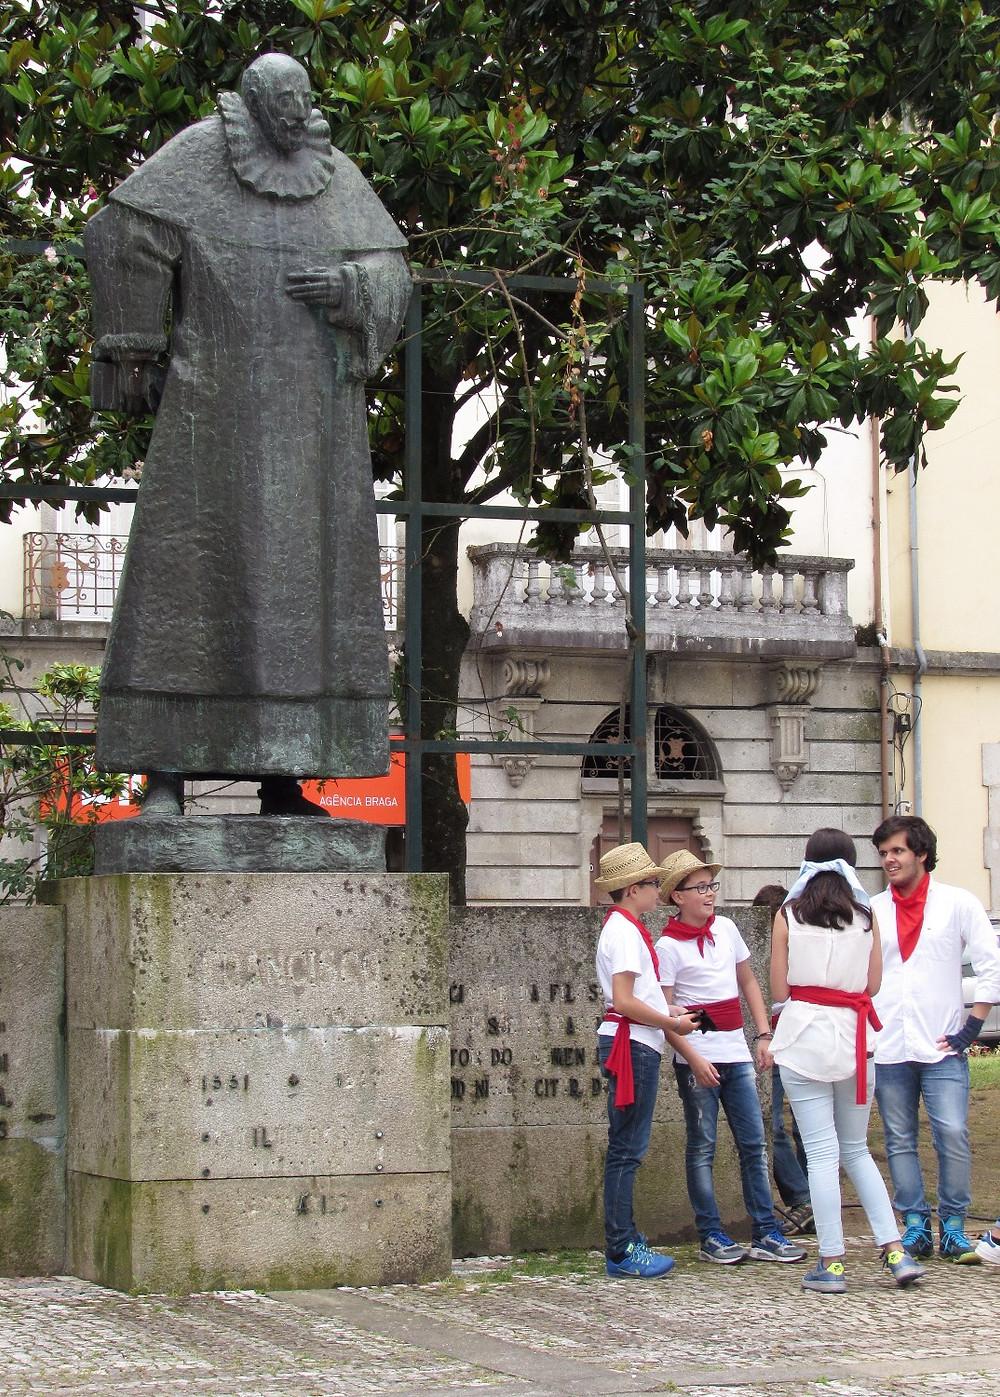 Памятник и дети-скауты